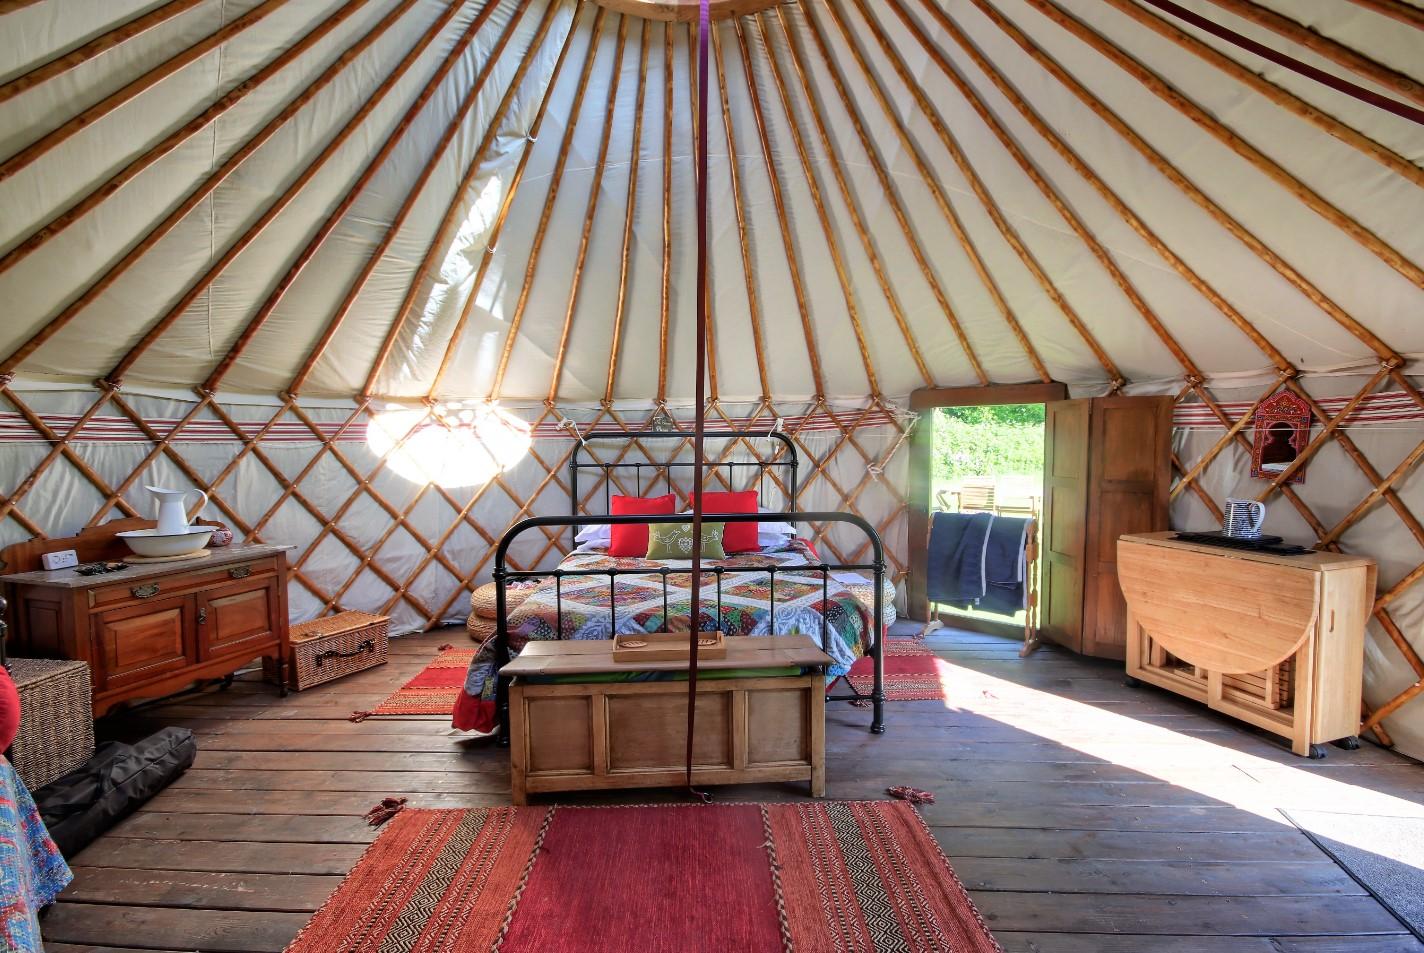 Inside luxury yurt